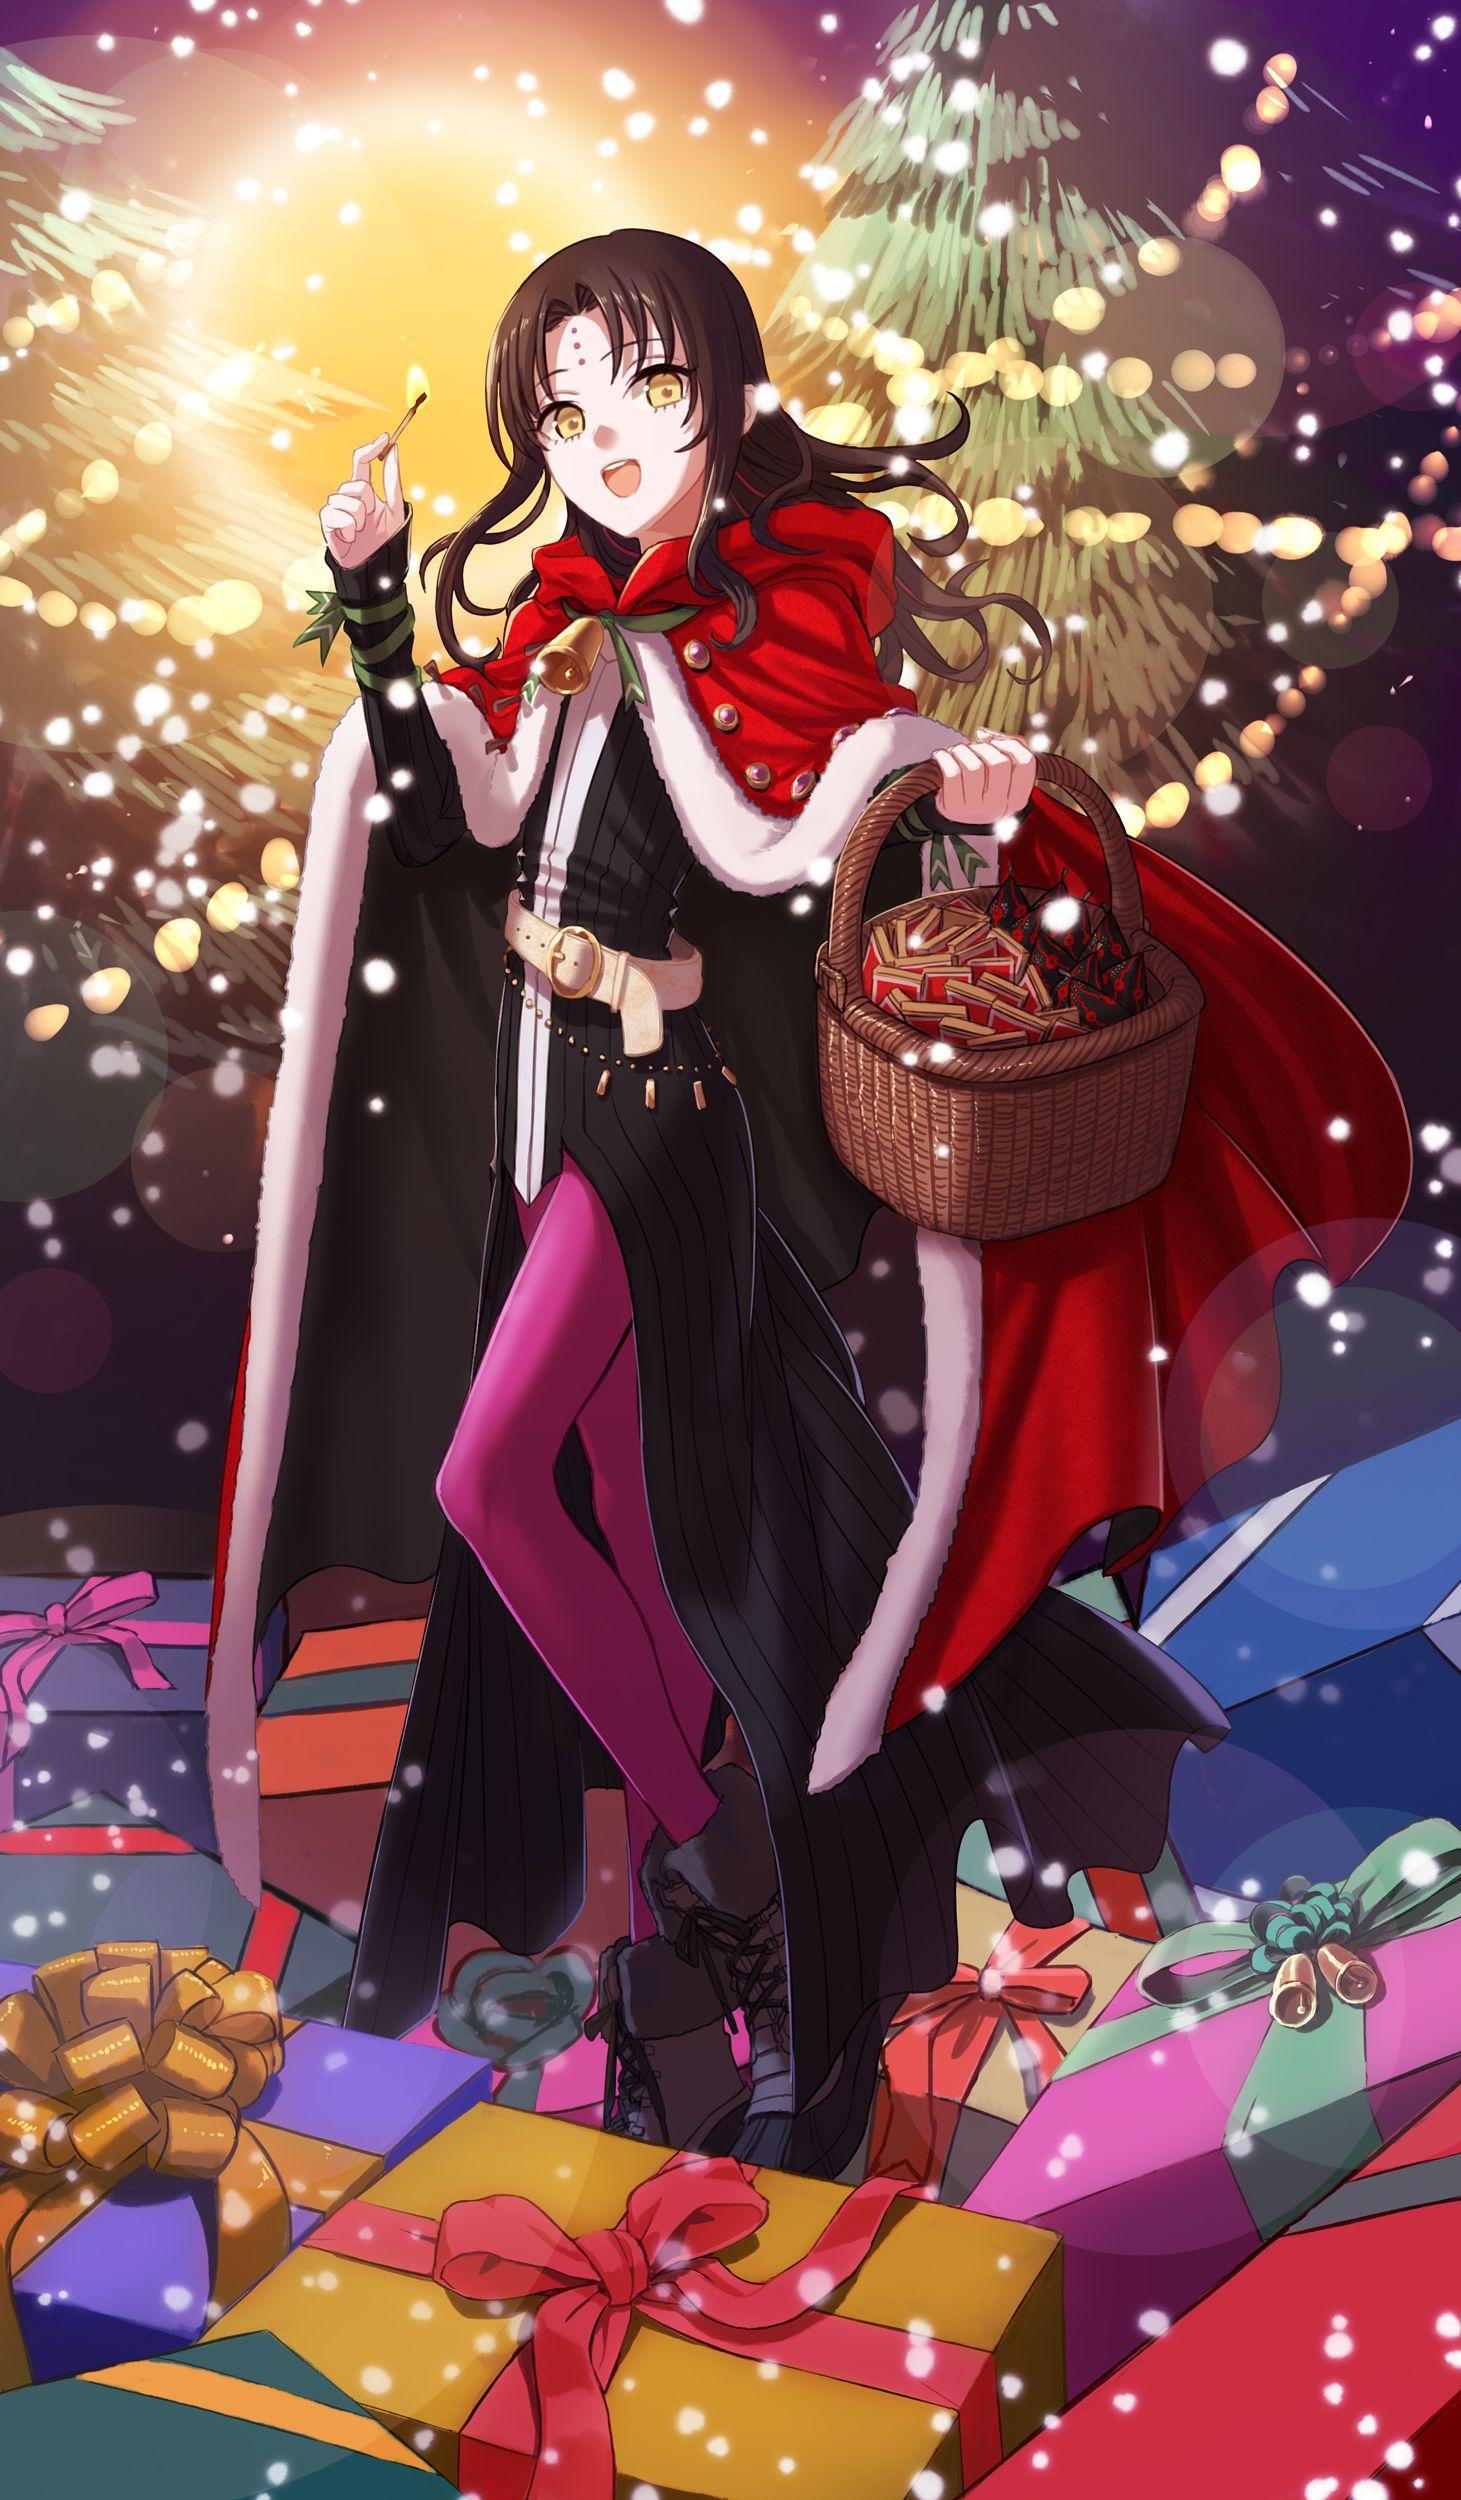 Kiara Sessyoin【Fate/Grand Order】 Fate, Anime, Manga art